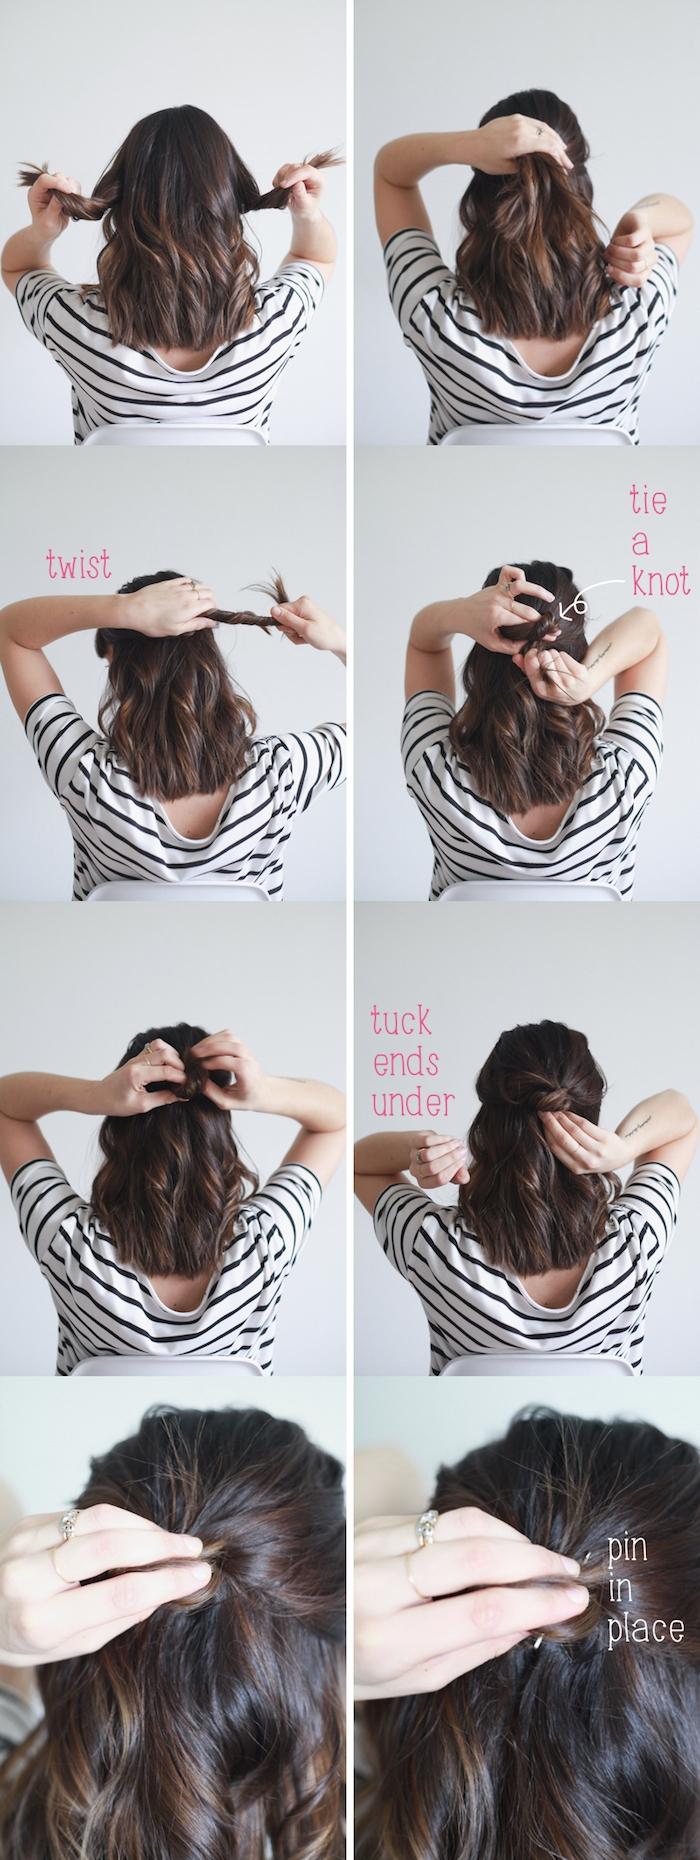 tutoriel pour faire une coiffure facile cheveux mi long, mèches de devant ramenées en arrière et attachées avec une barrette, idée de coiffure de noël